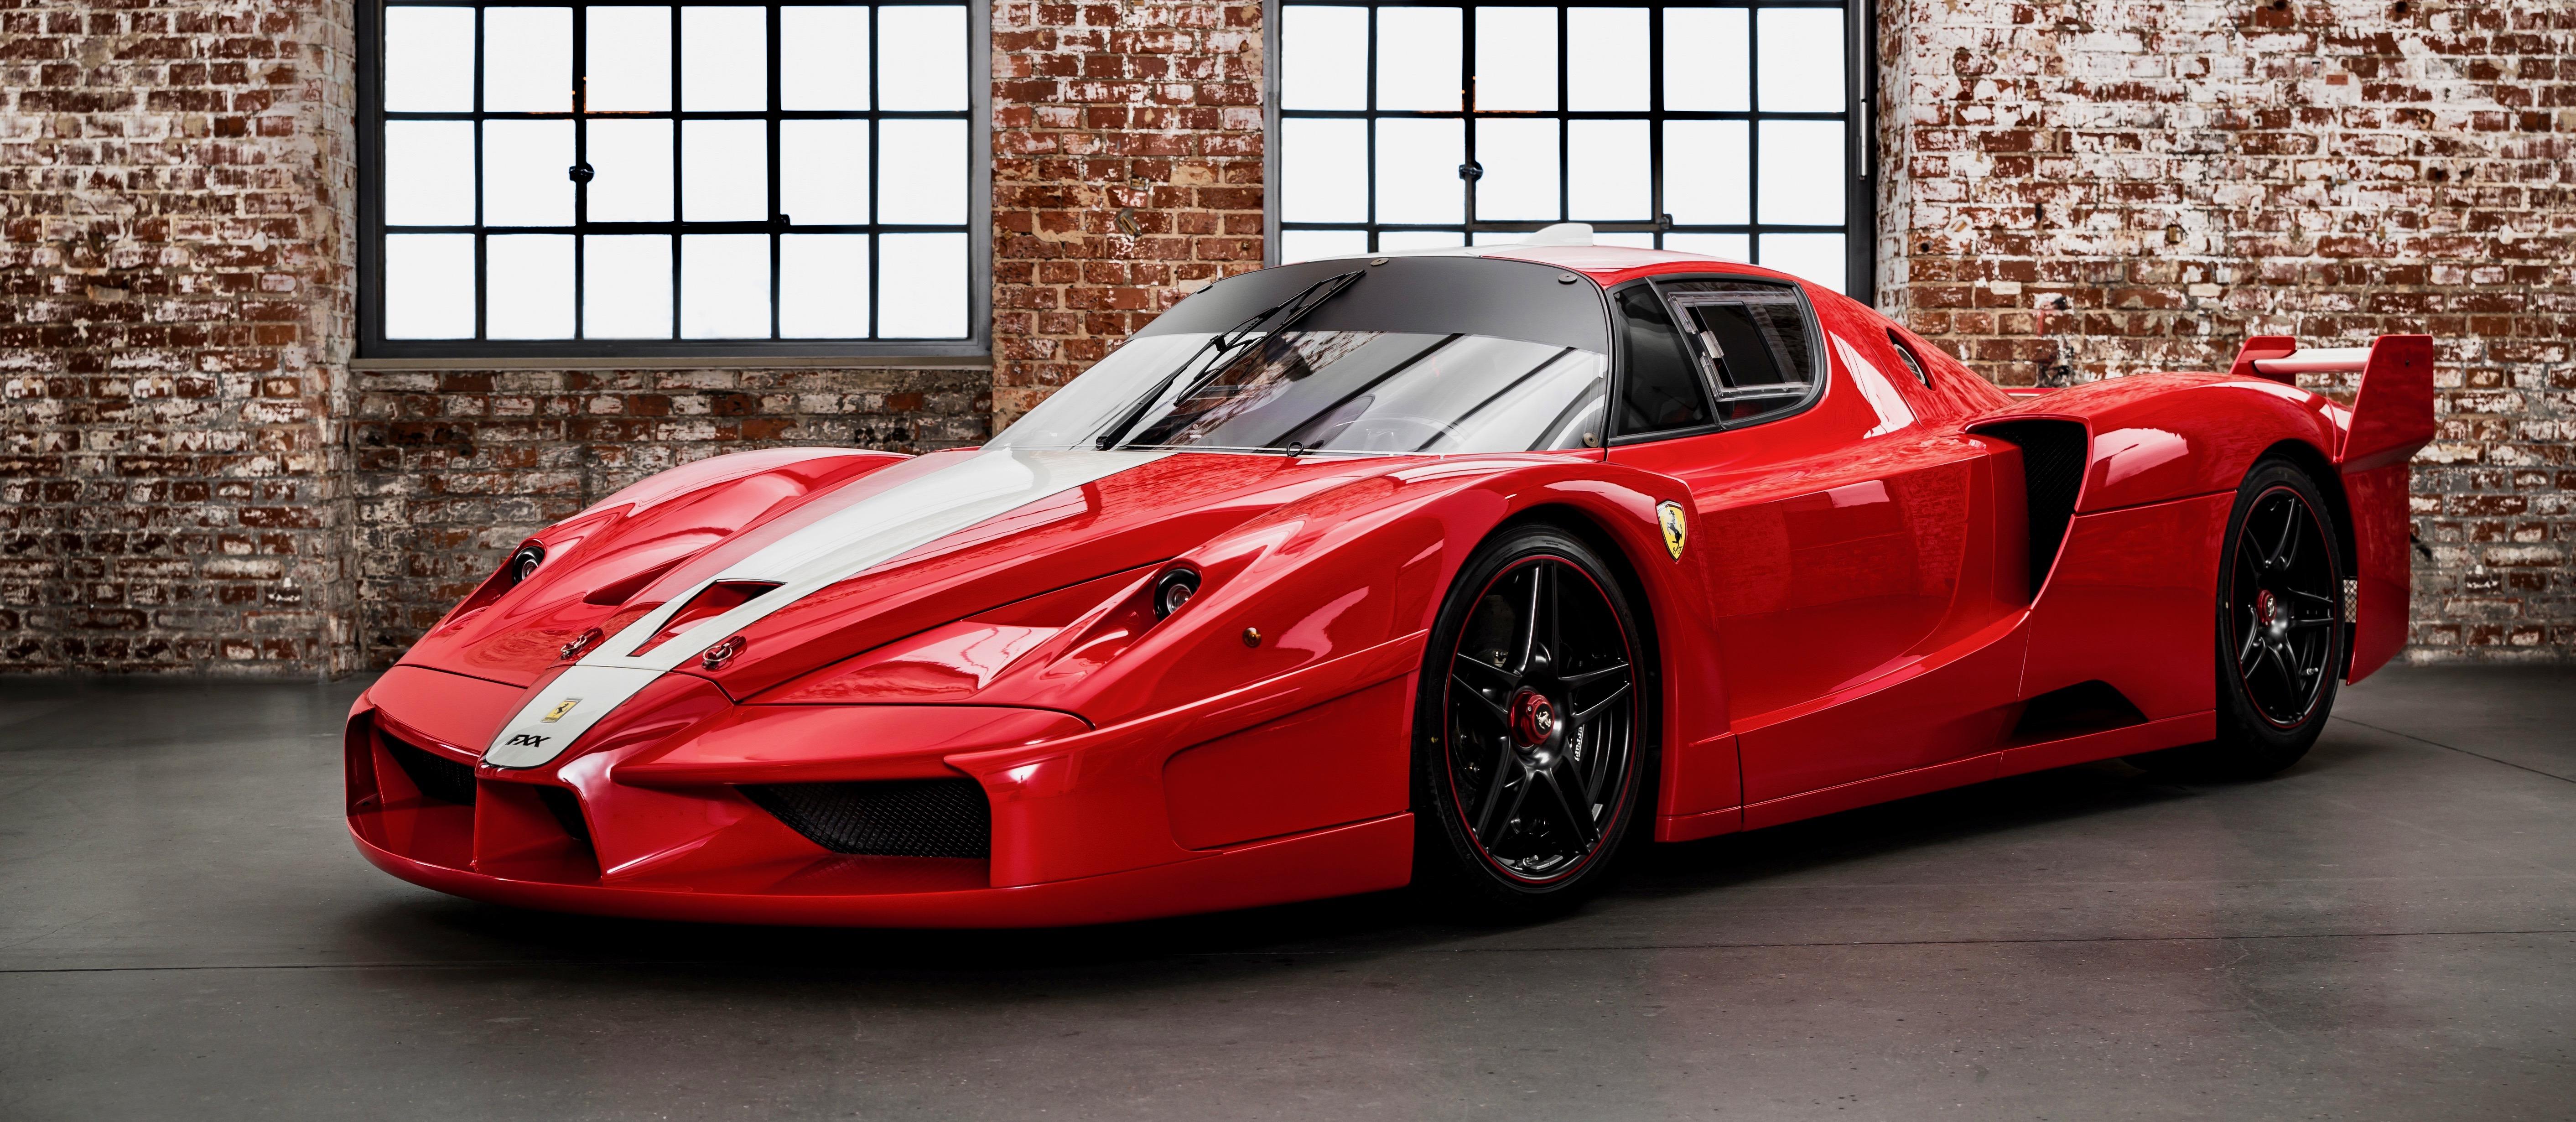 artcurial, Artcurial does $38.8 million in Paris even without Le Mans-winning Ferrari, ClassicCars.com Journal